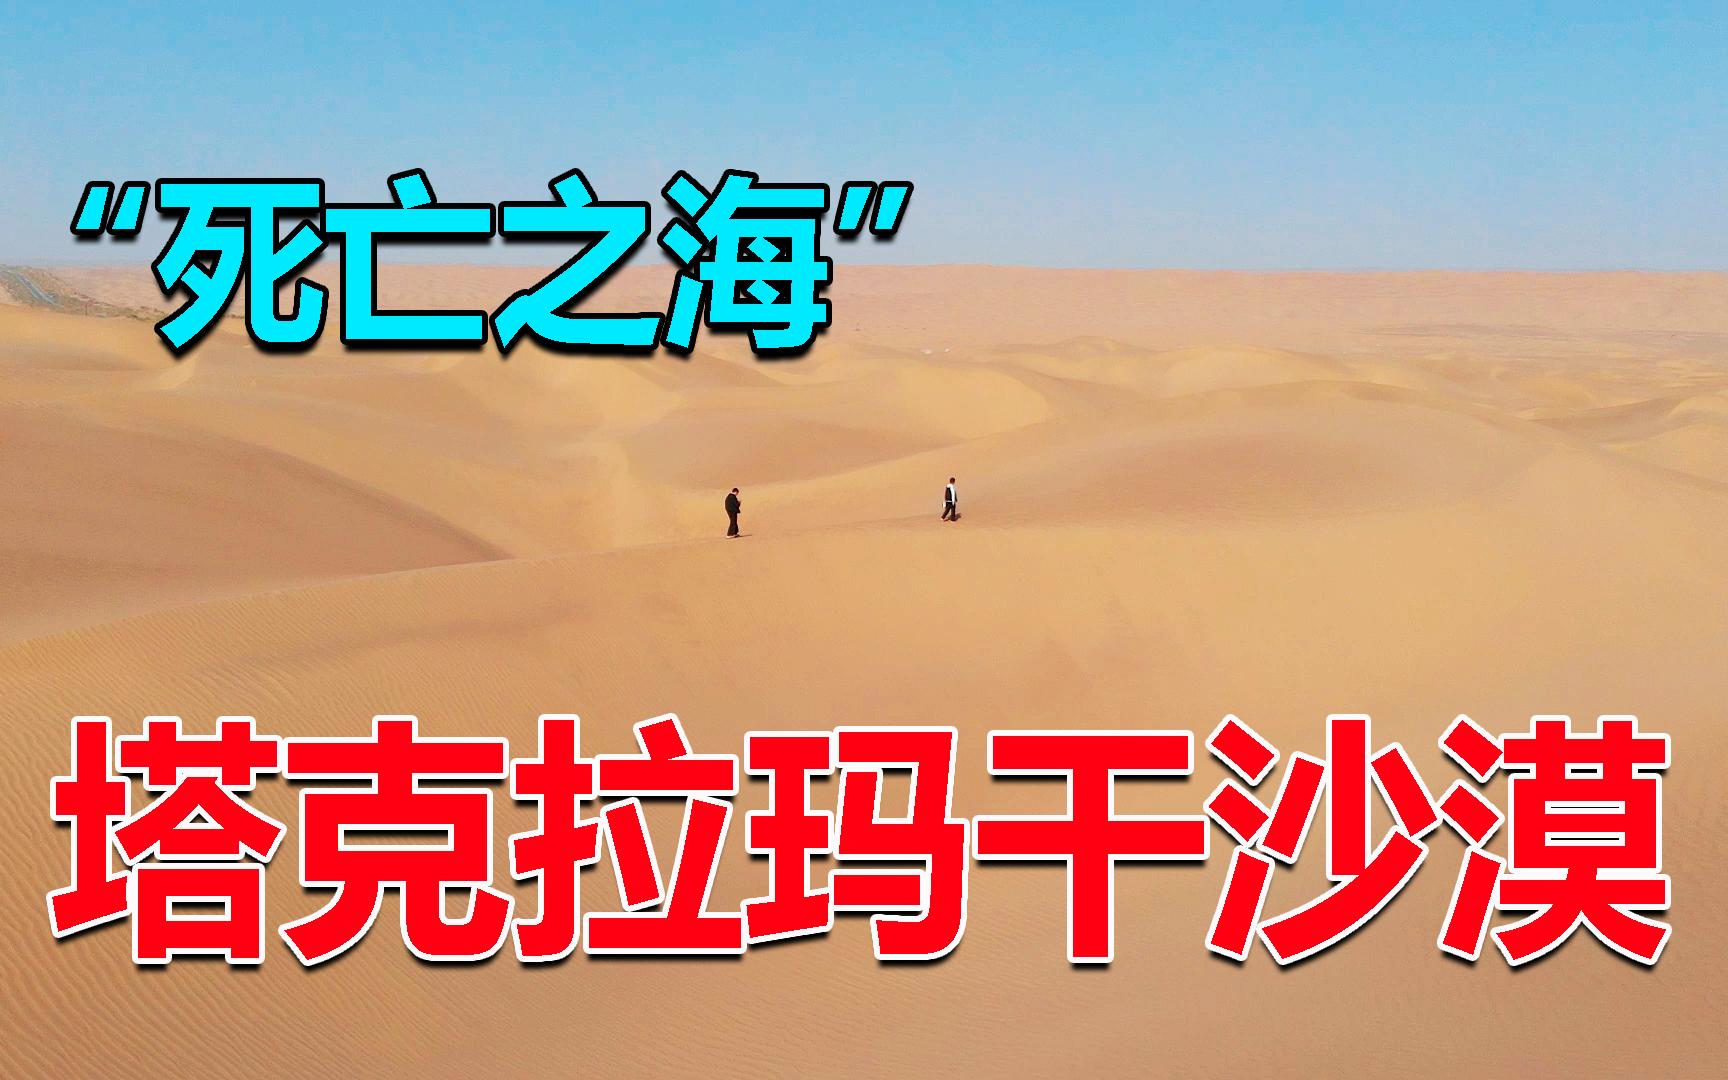 """塔克拉玛干沙漠被称为""""死亡之海"""",自驾来到沙漠腹地,这里什么样?"""